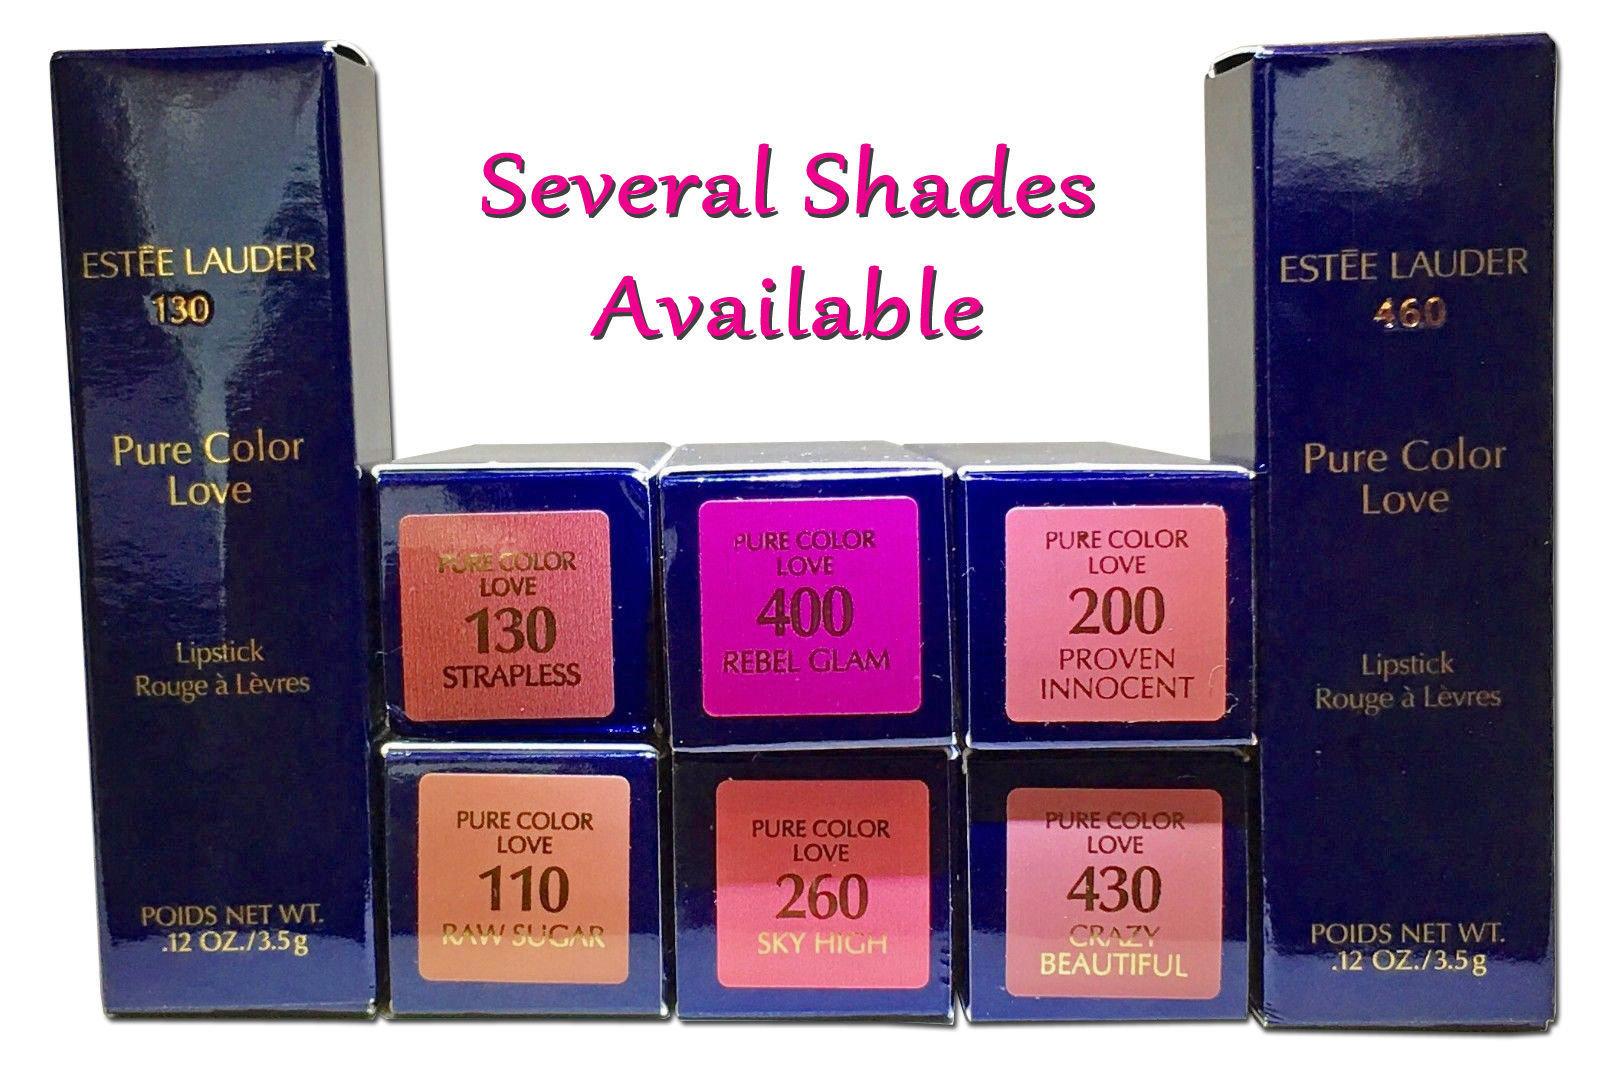 Estee Lauder Pure Color Love Lipstick .12 oz - several shades 14711